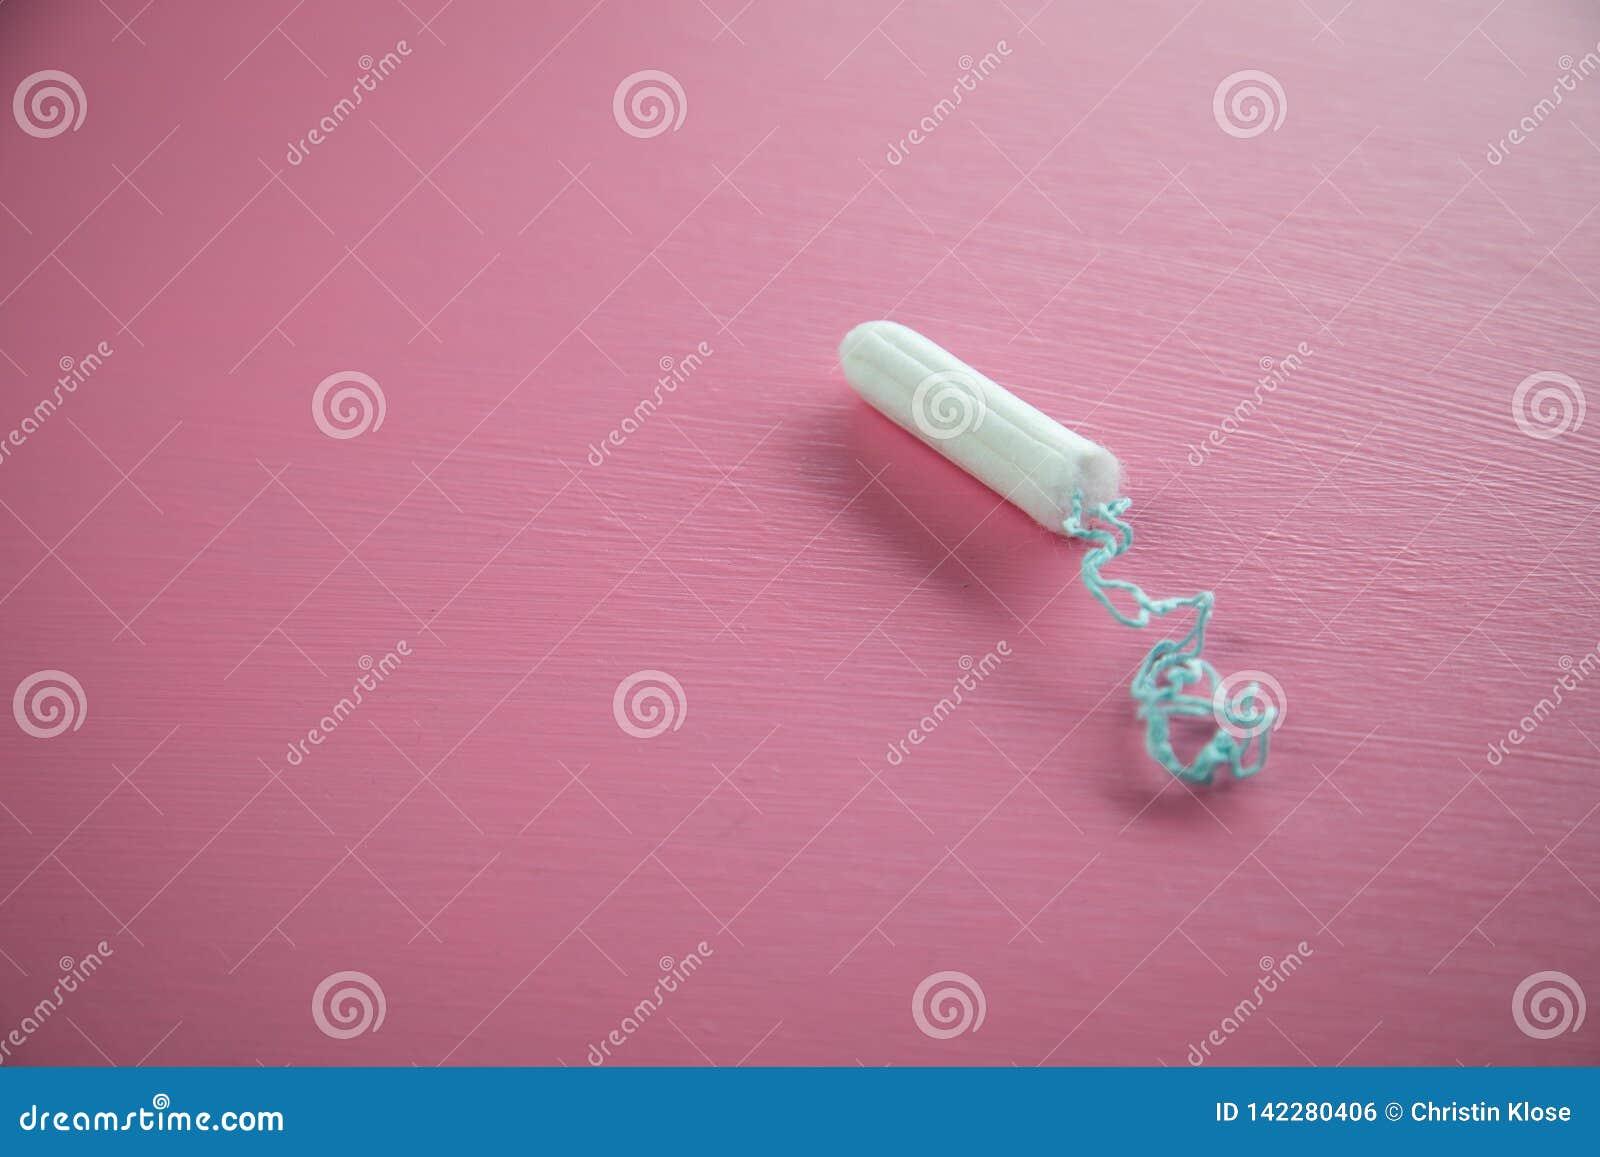 Tampon op roze achtergrond voor vrouwelijke persoonlijke hygiëne en bescherming tijdens de cyclus van de menstruatieperiode